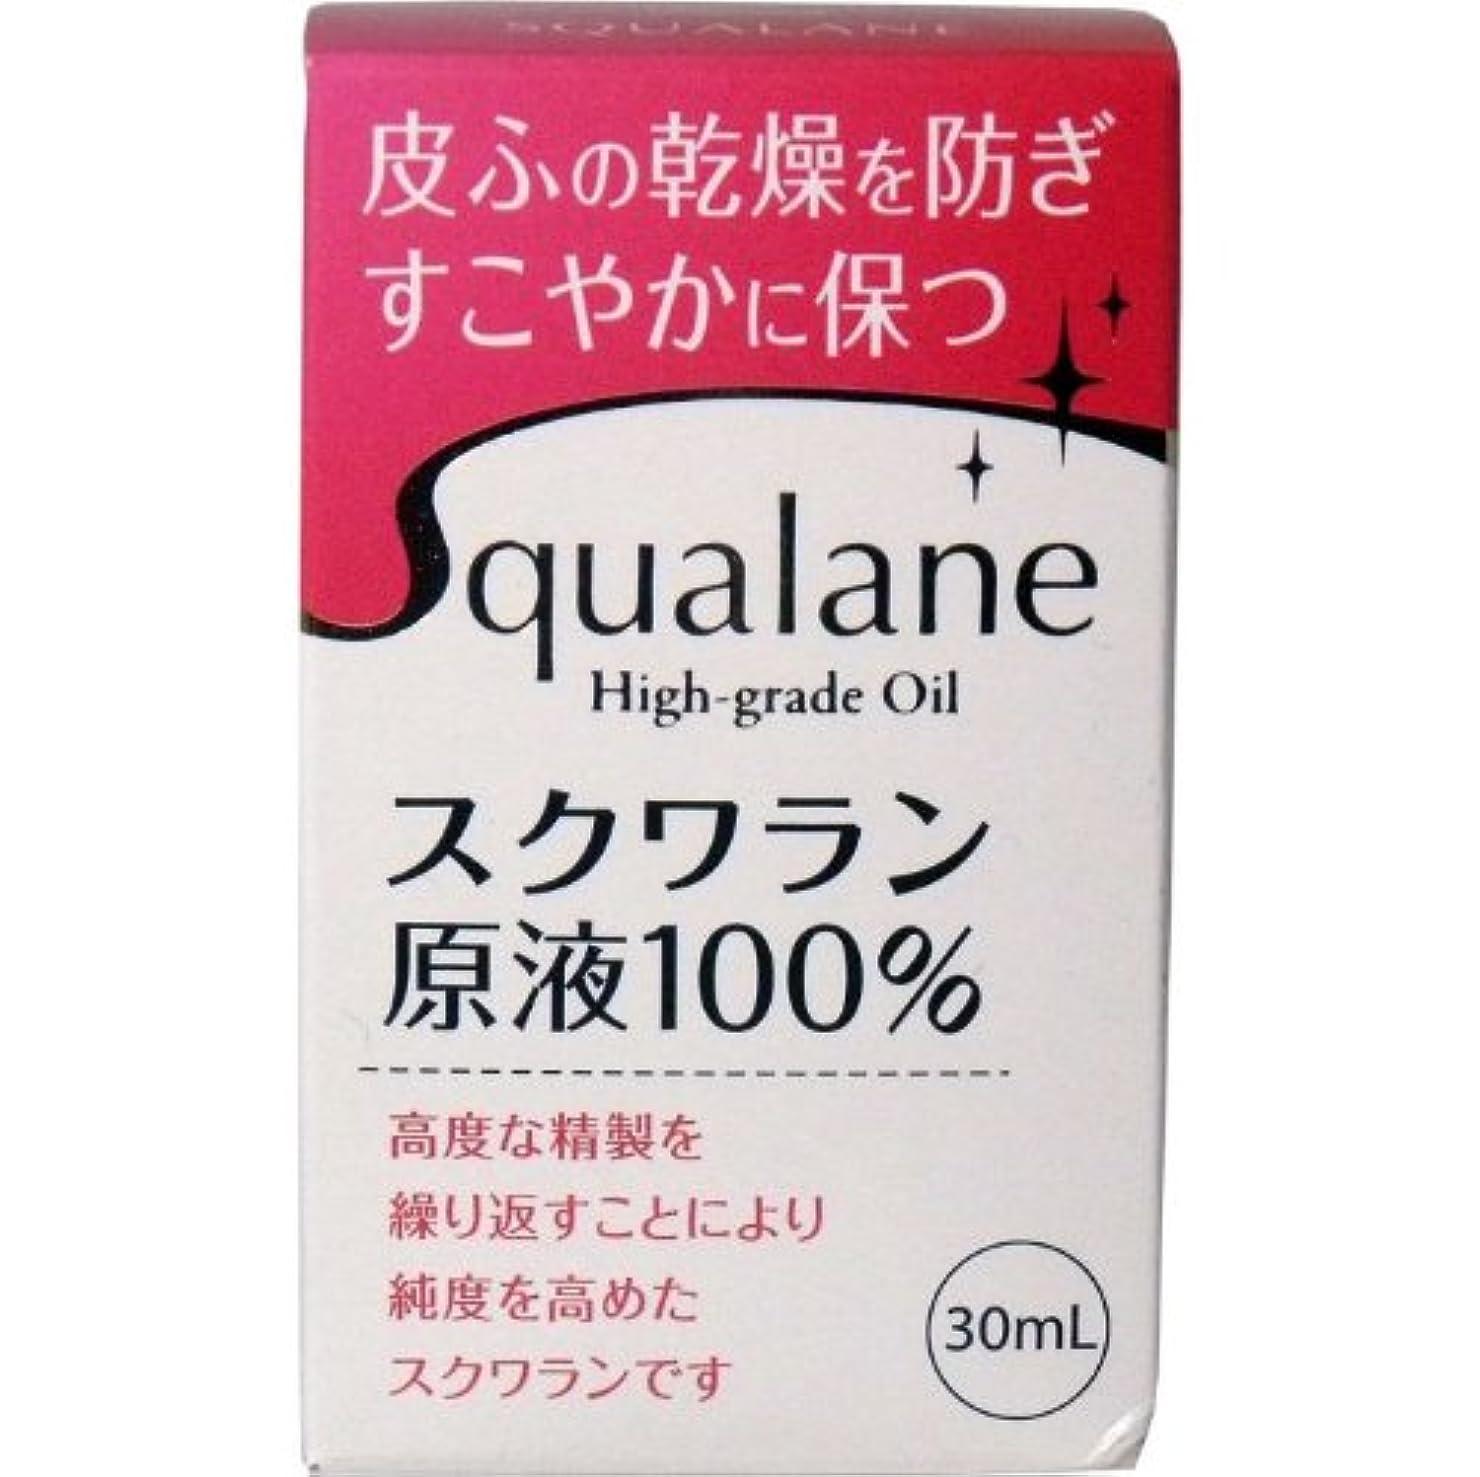 スクワラン原液 100% 30ml